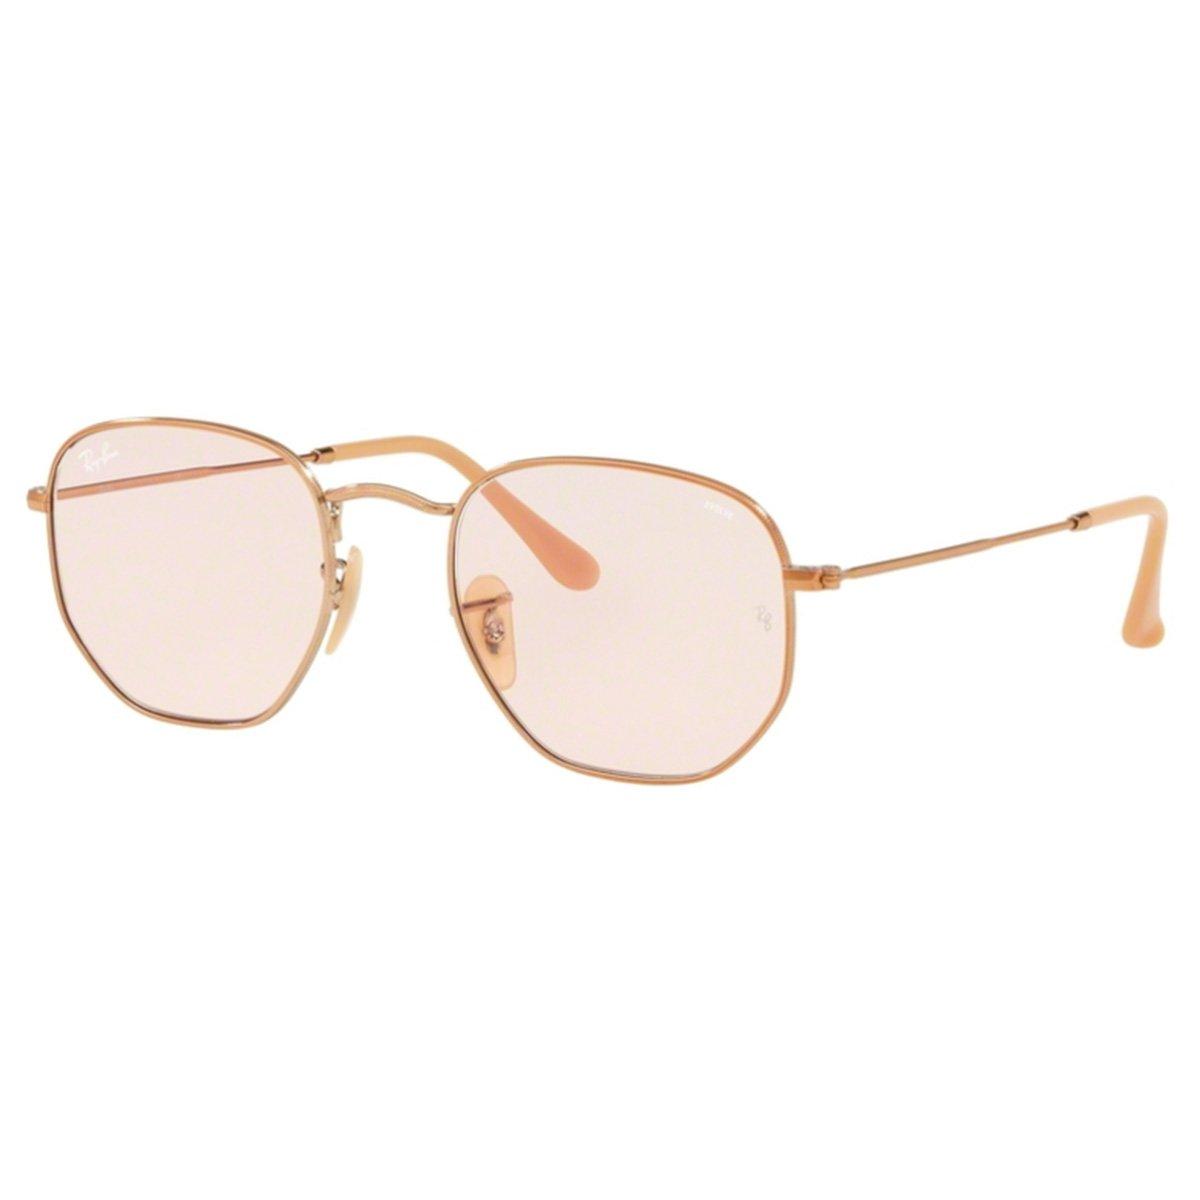 Compre Óculos de Sol Ray Ban Hexagonal OverSized em 10X   Tri-Jóia Shop b304a2d65d